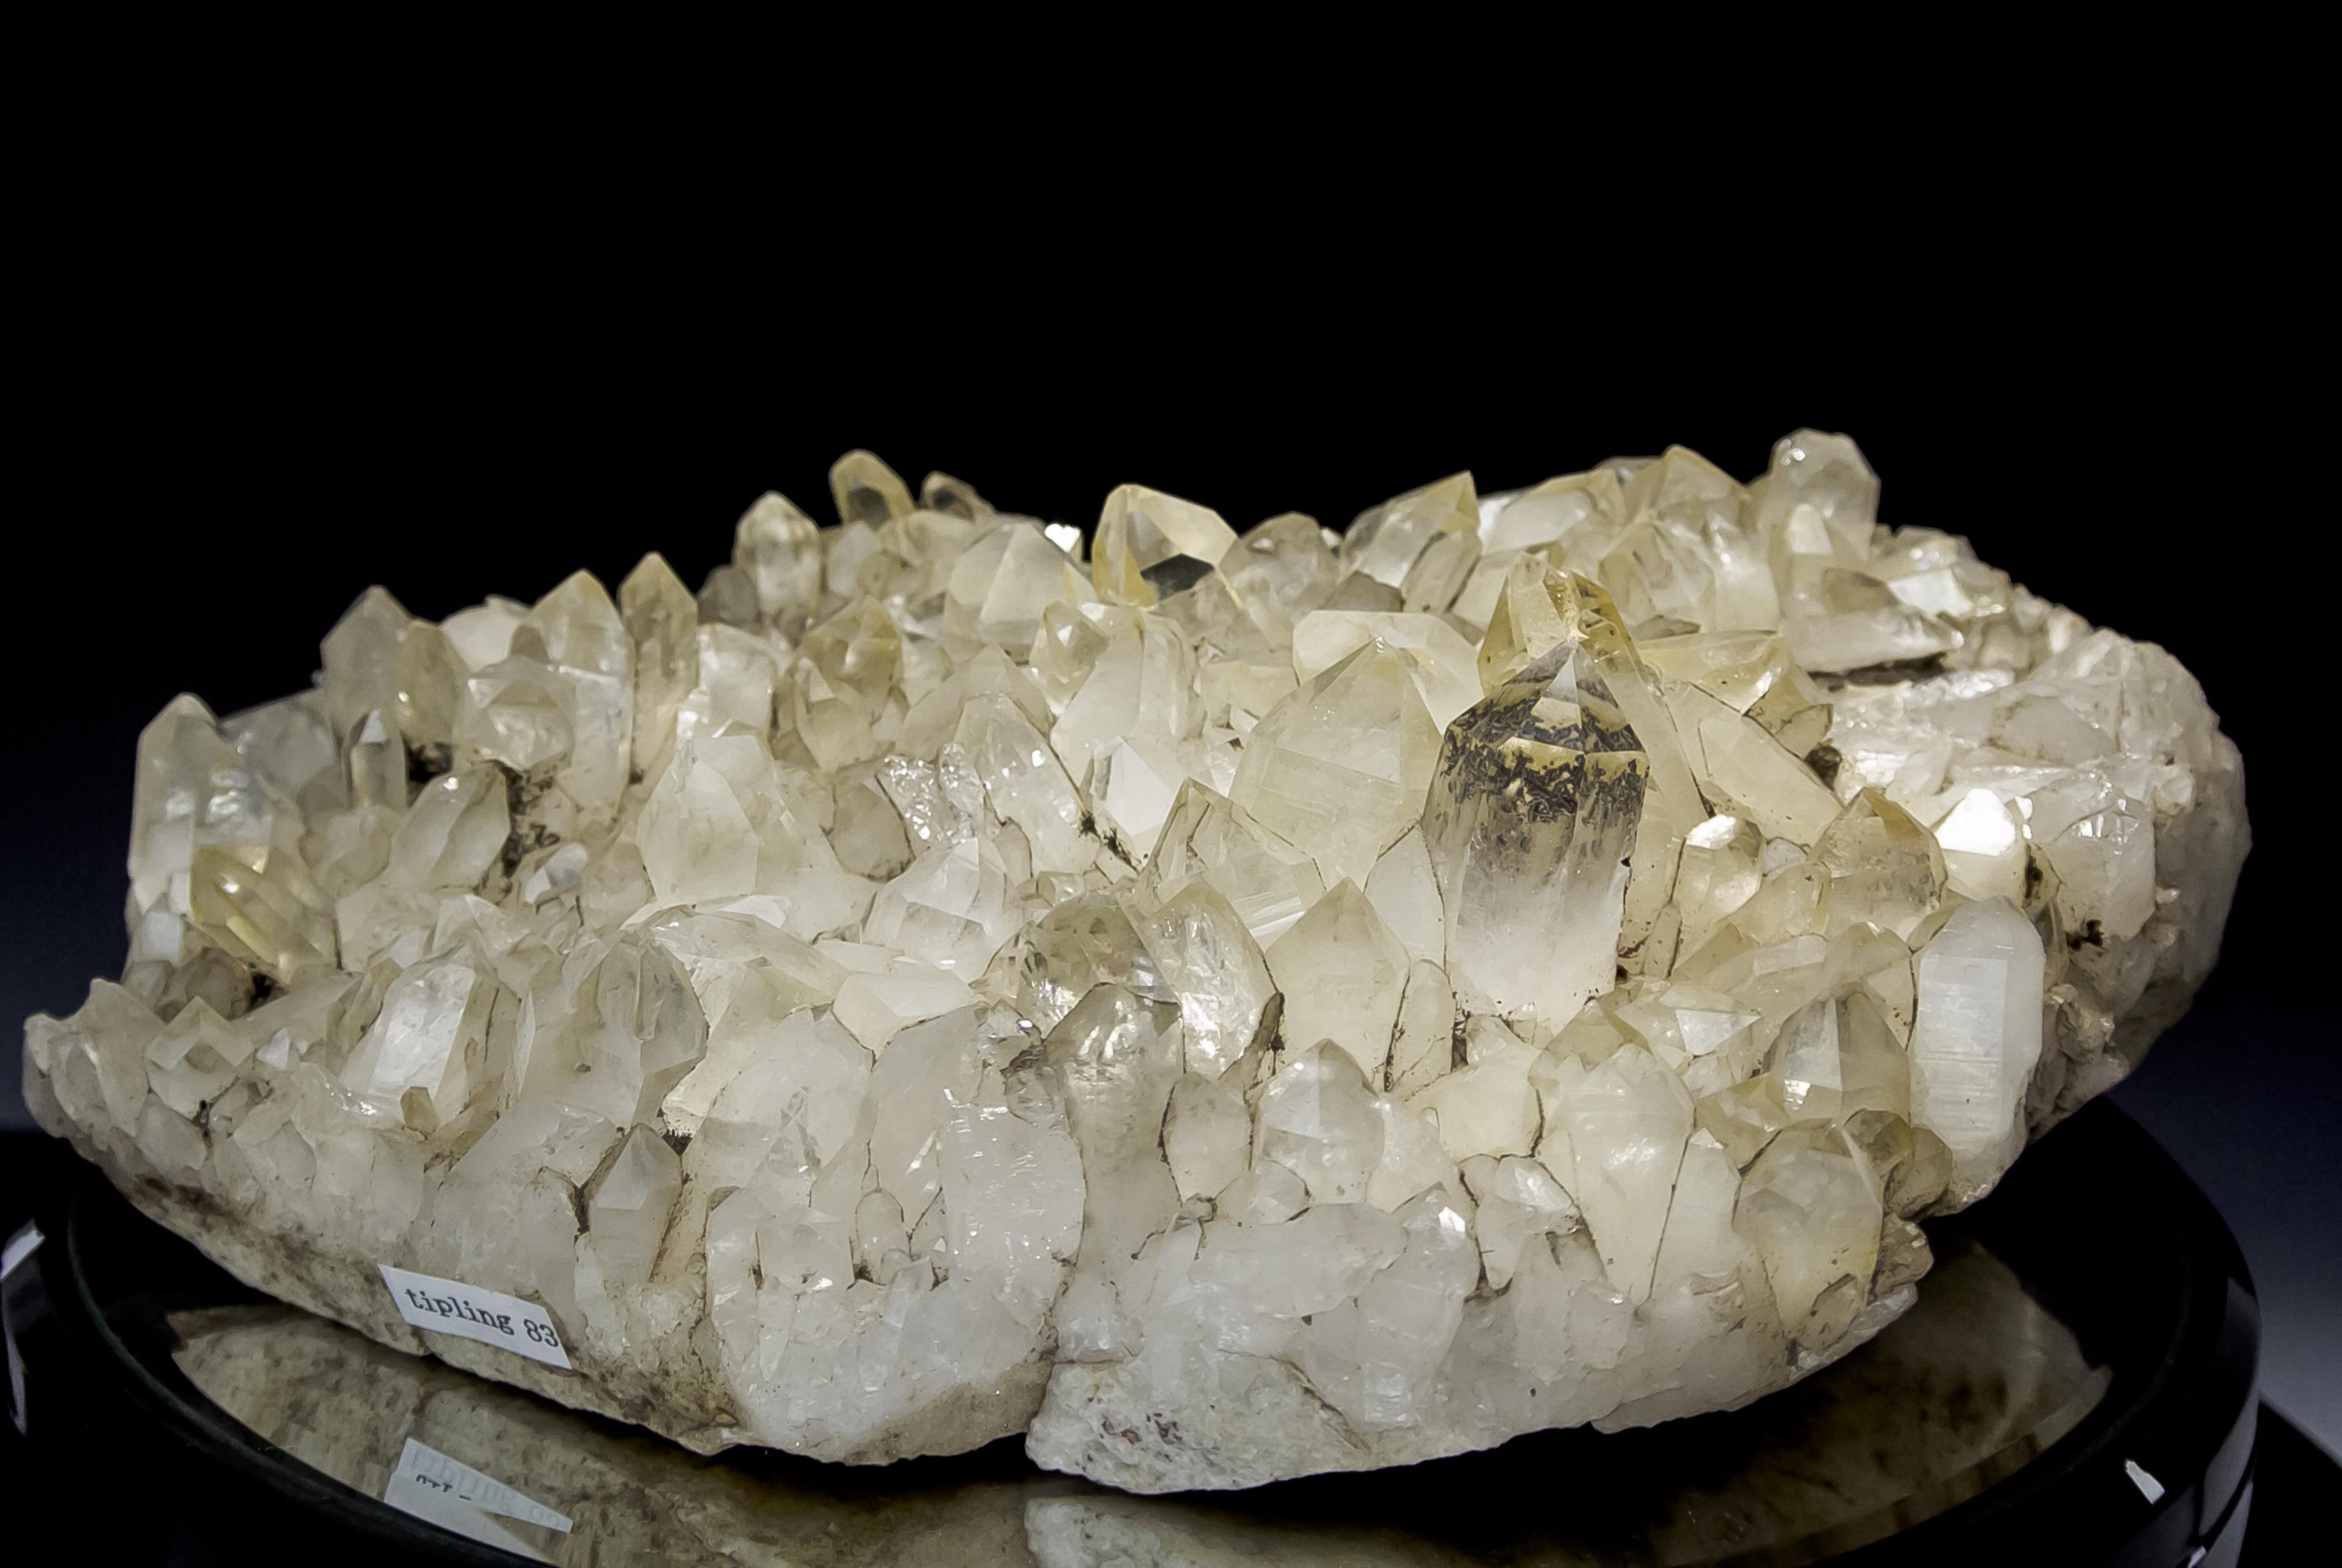 ヒマラヤ水晶 ティップリン産水晶クラスター ガネーシュヒマールhtpc-3